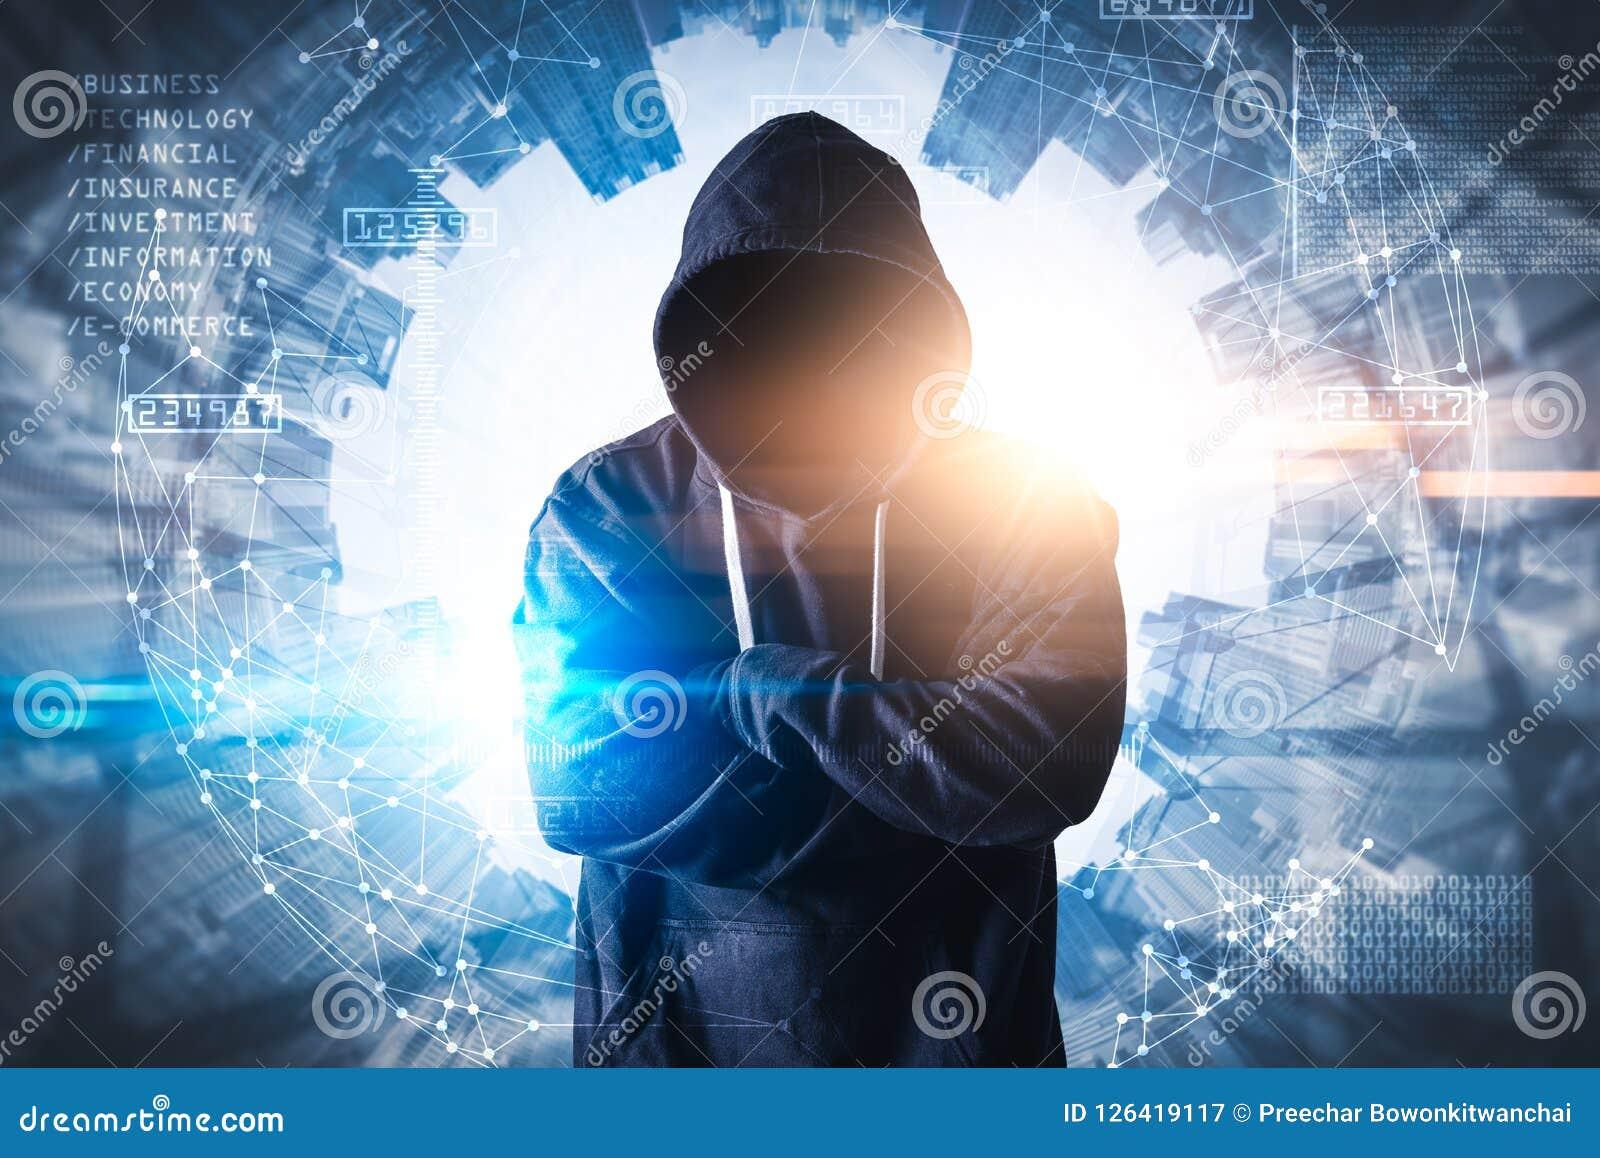 Абстрактное изображение верхнего слоя хакера стоящего с футуристическим hologram и будущим городским пейзажем фон